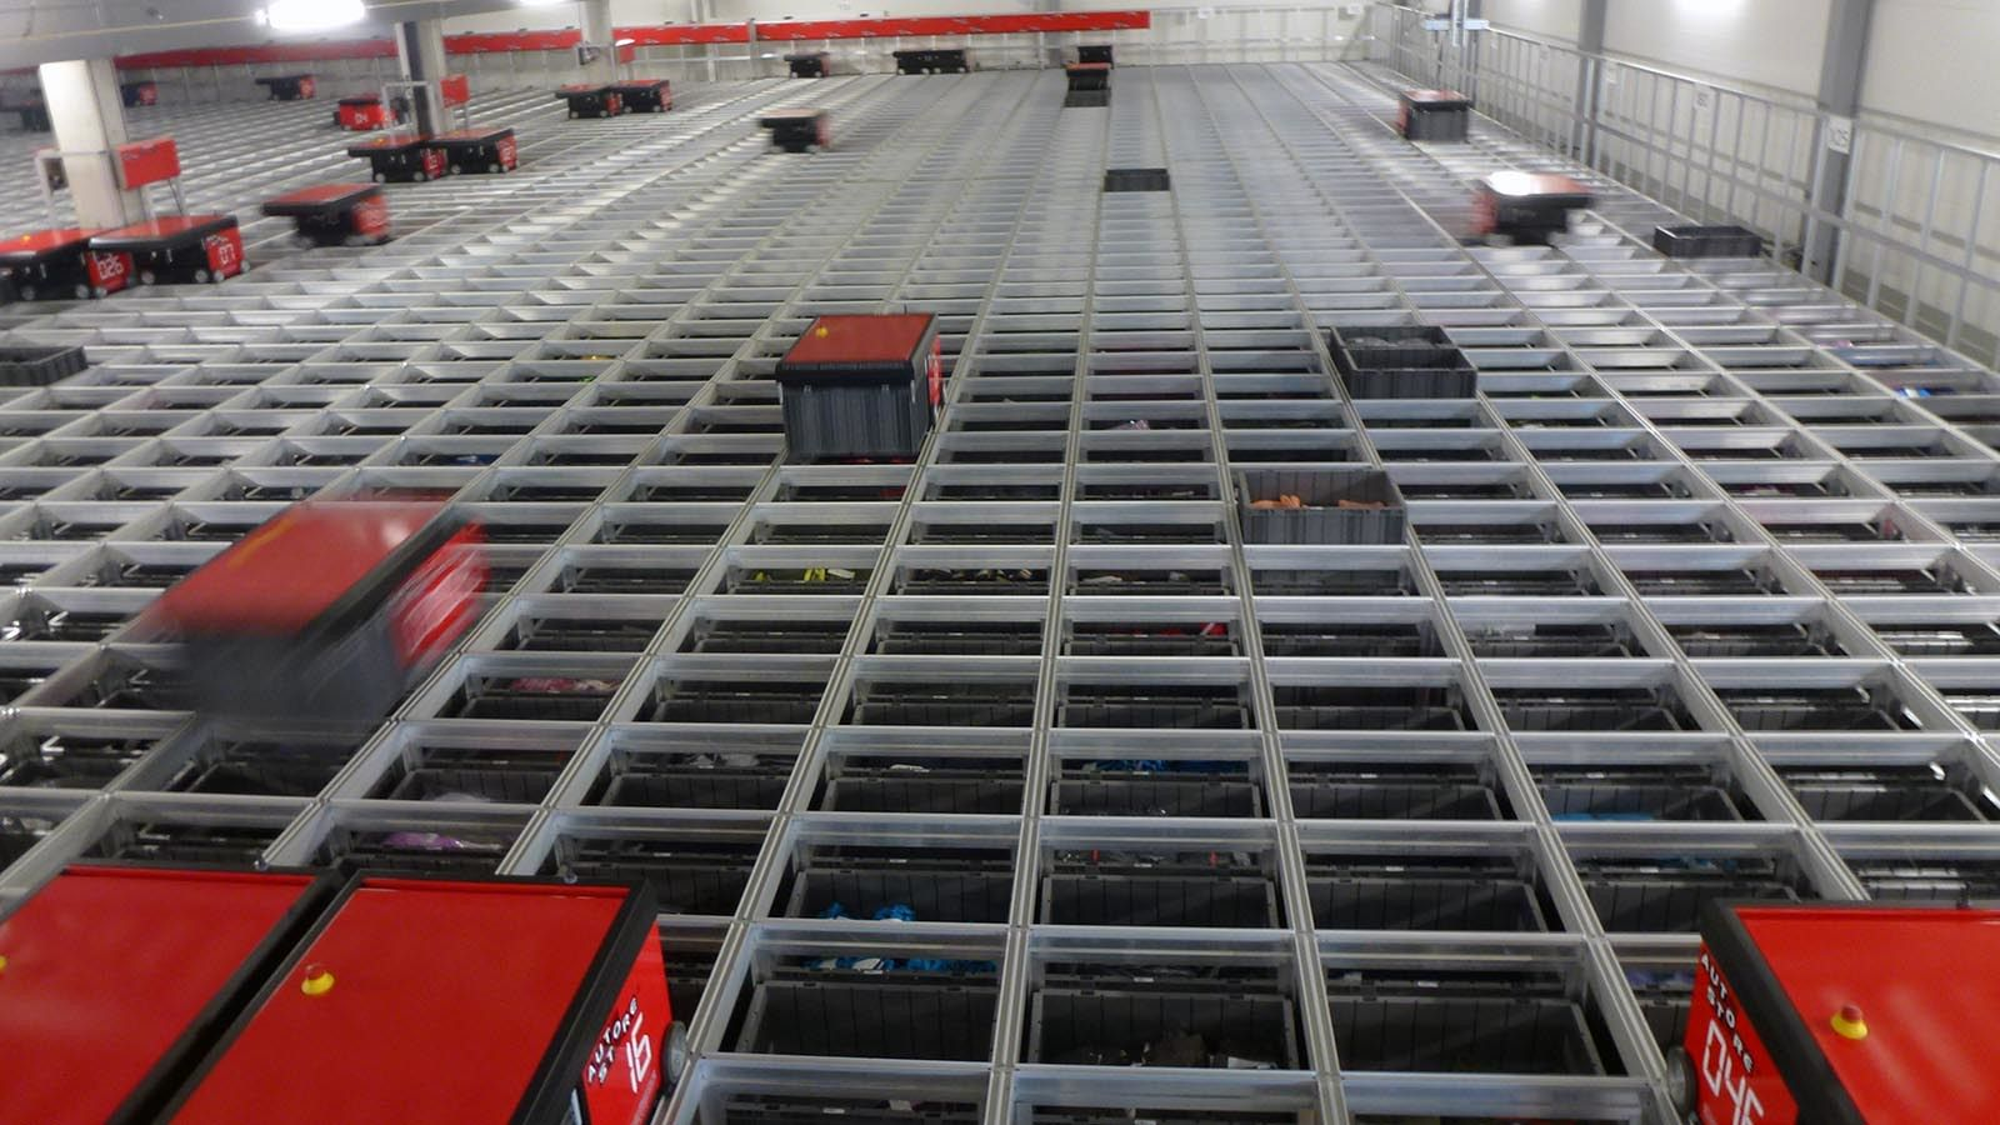 352428485 Nok en norsk nettbutikk velger robotlager - Ehandel.com